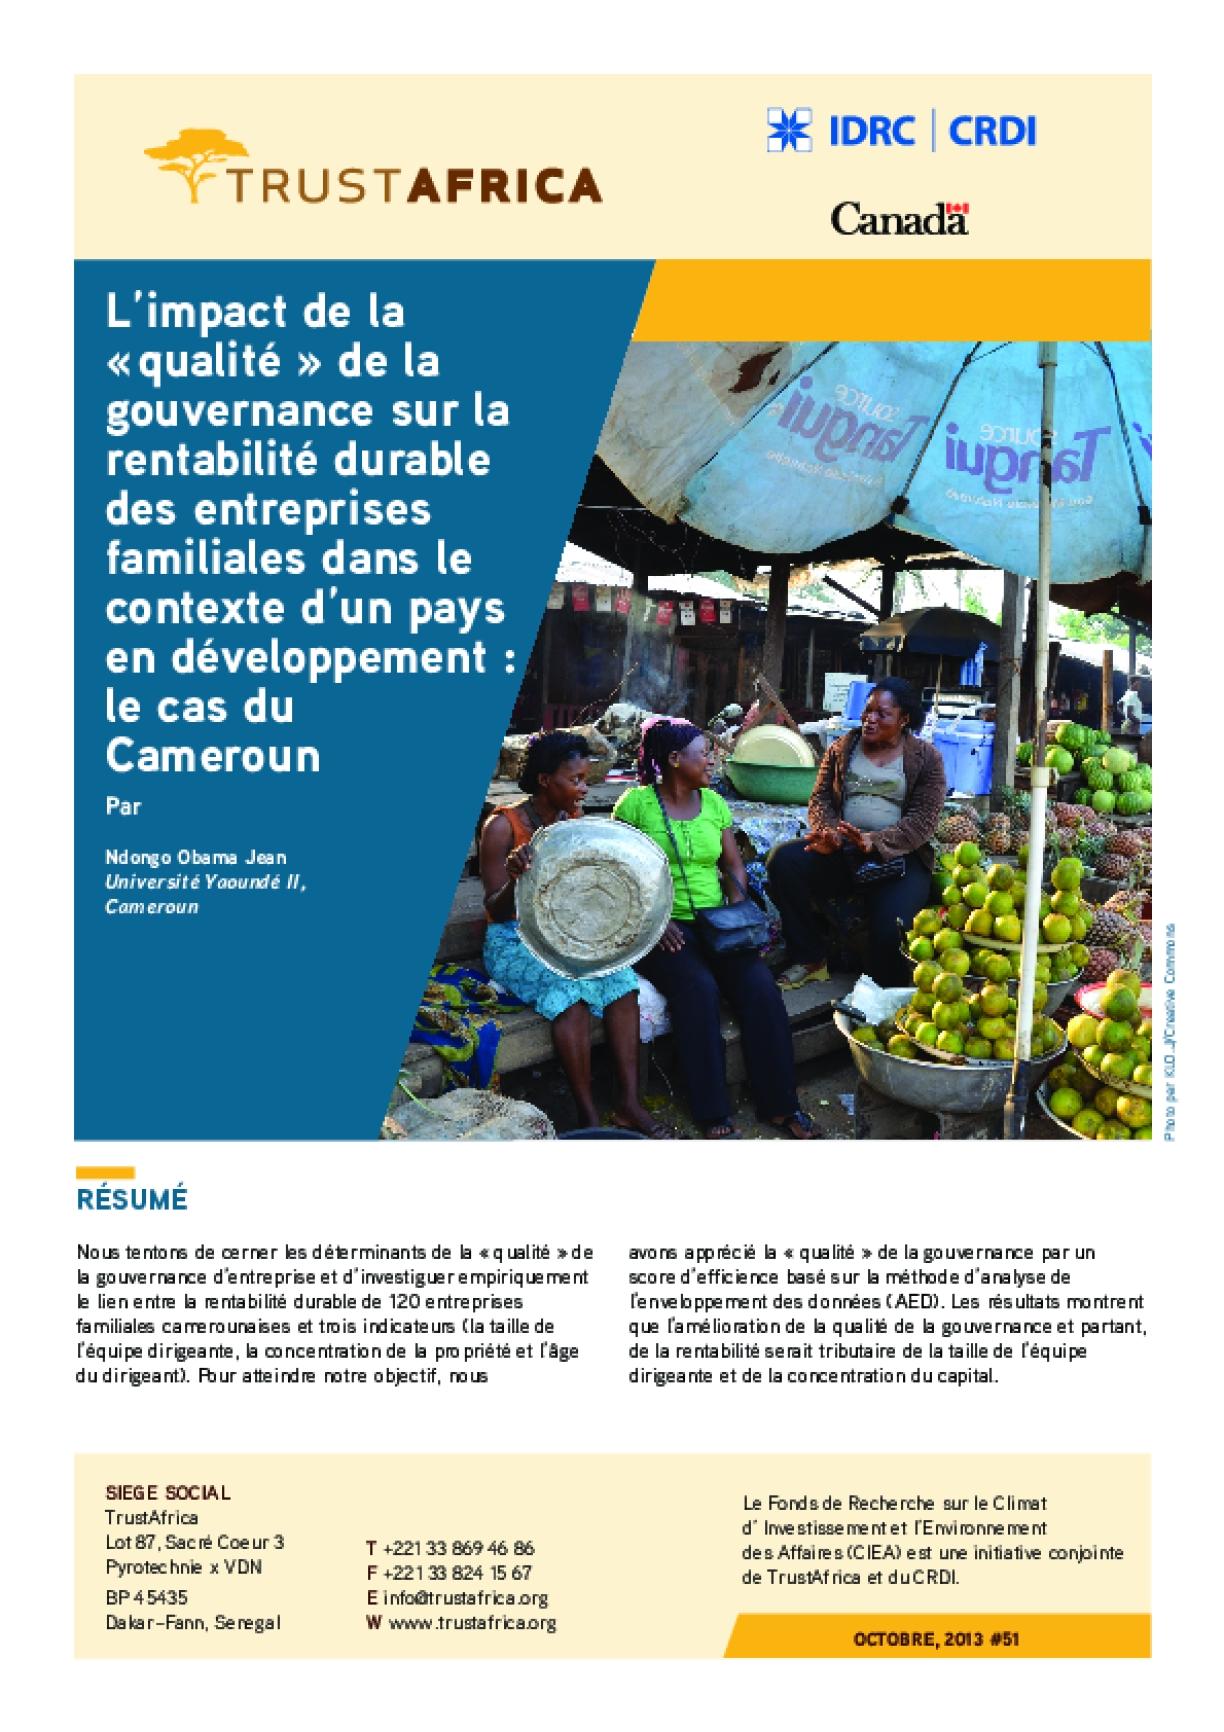 L'impact De La « Qualité » De La Gouvernance Sur La Rentabilité Durable Des Entreprises Familiales Dans Le Contexte D'un Pays En Développement : Le Cas Du Cameroun